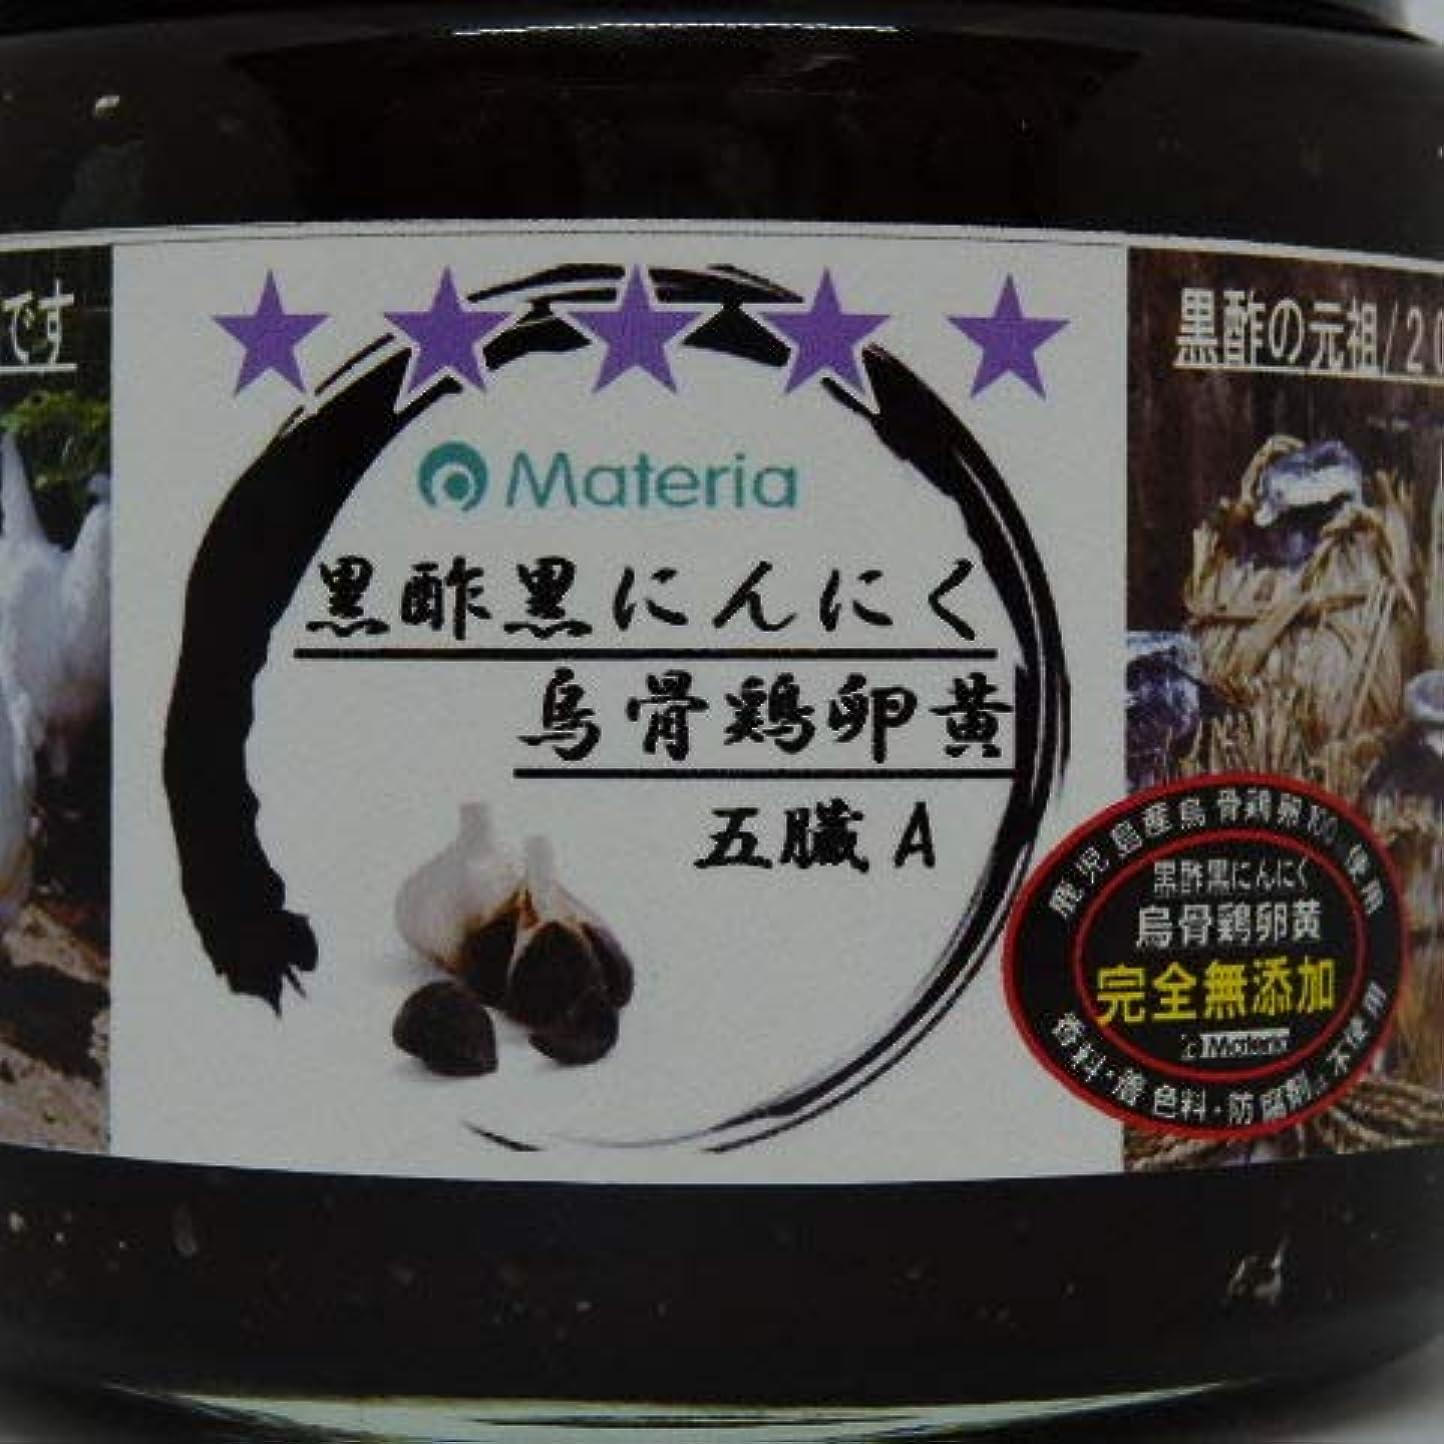 シャツ要件思われる無添加健康食品/黒酢黒にんにく烏骨鶏卵黄/五臓系ペ-スト早溶150g(1月分)¥11,600